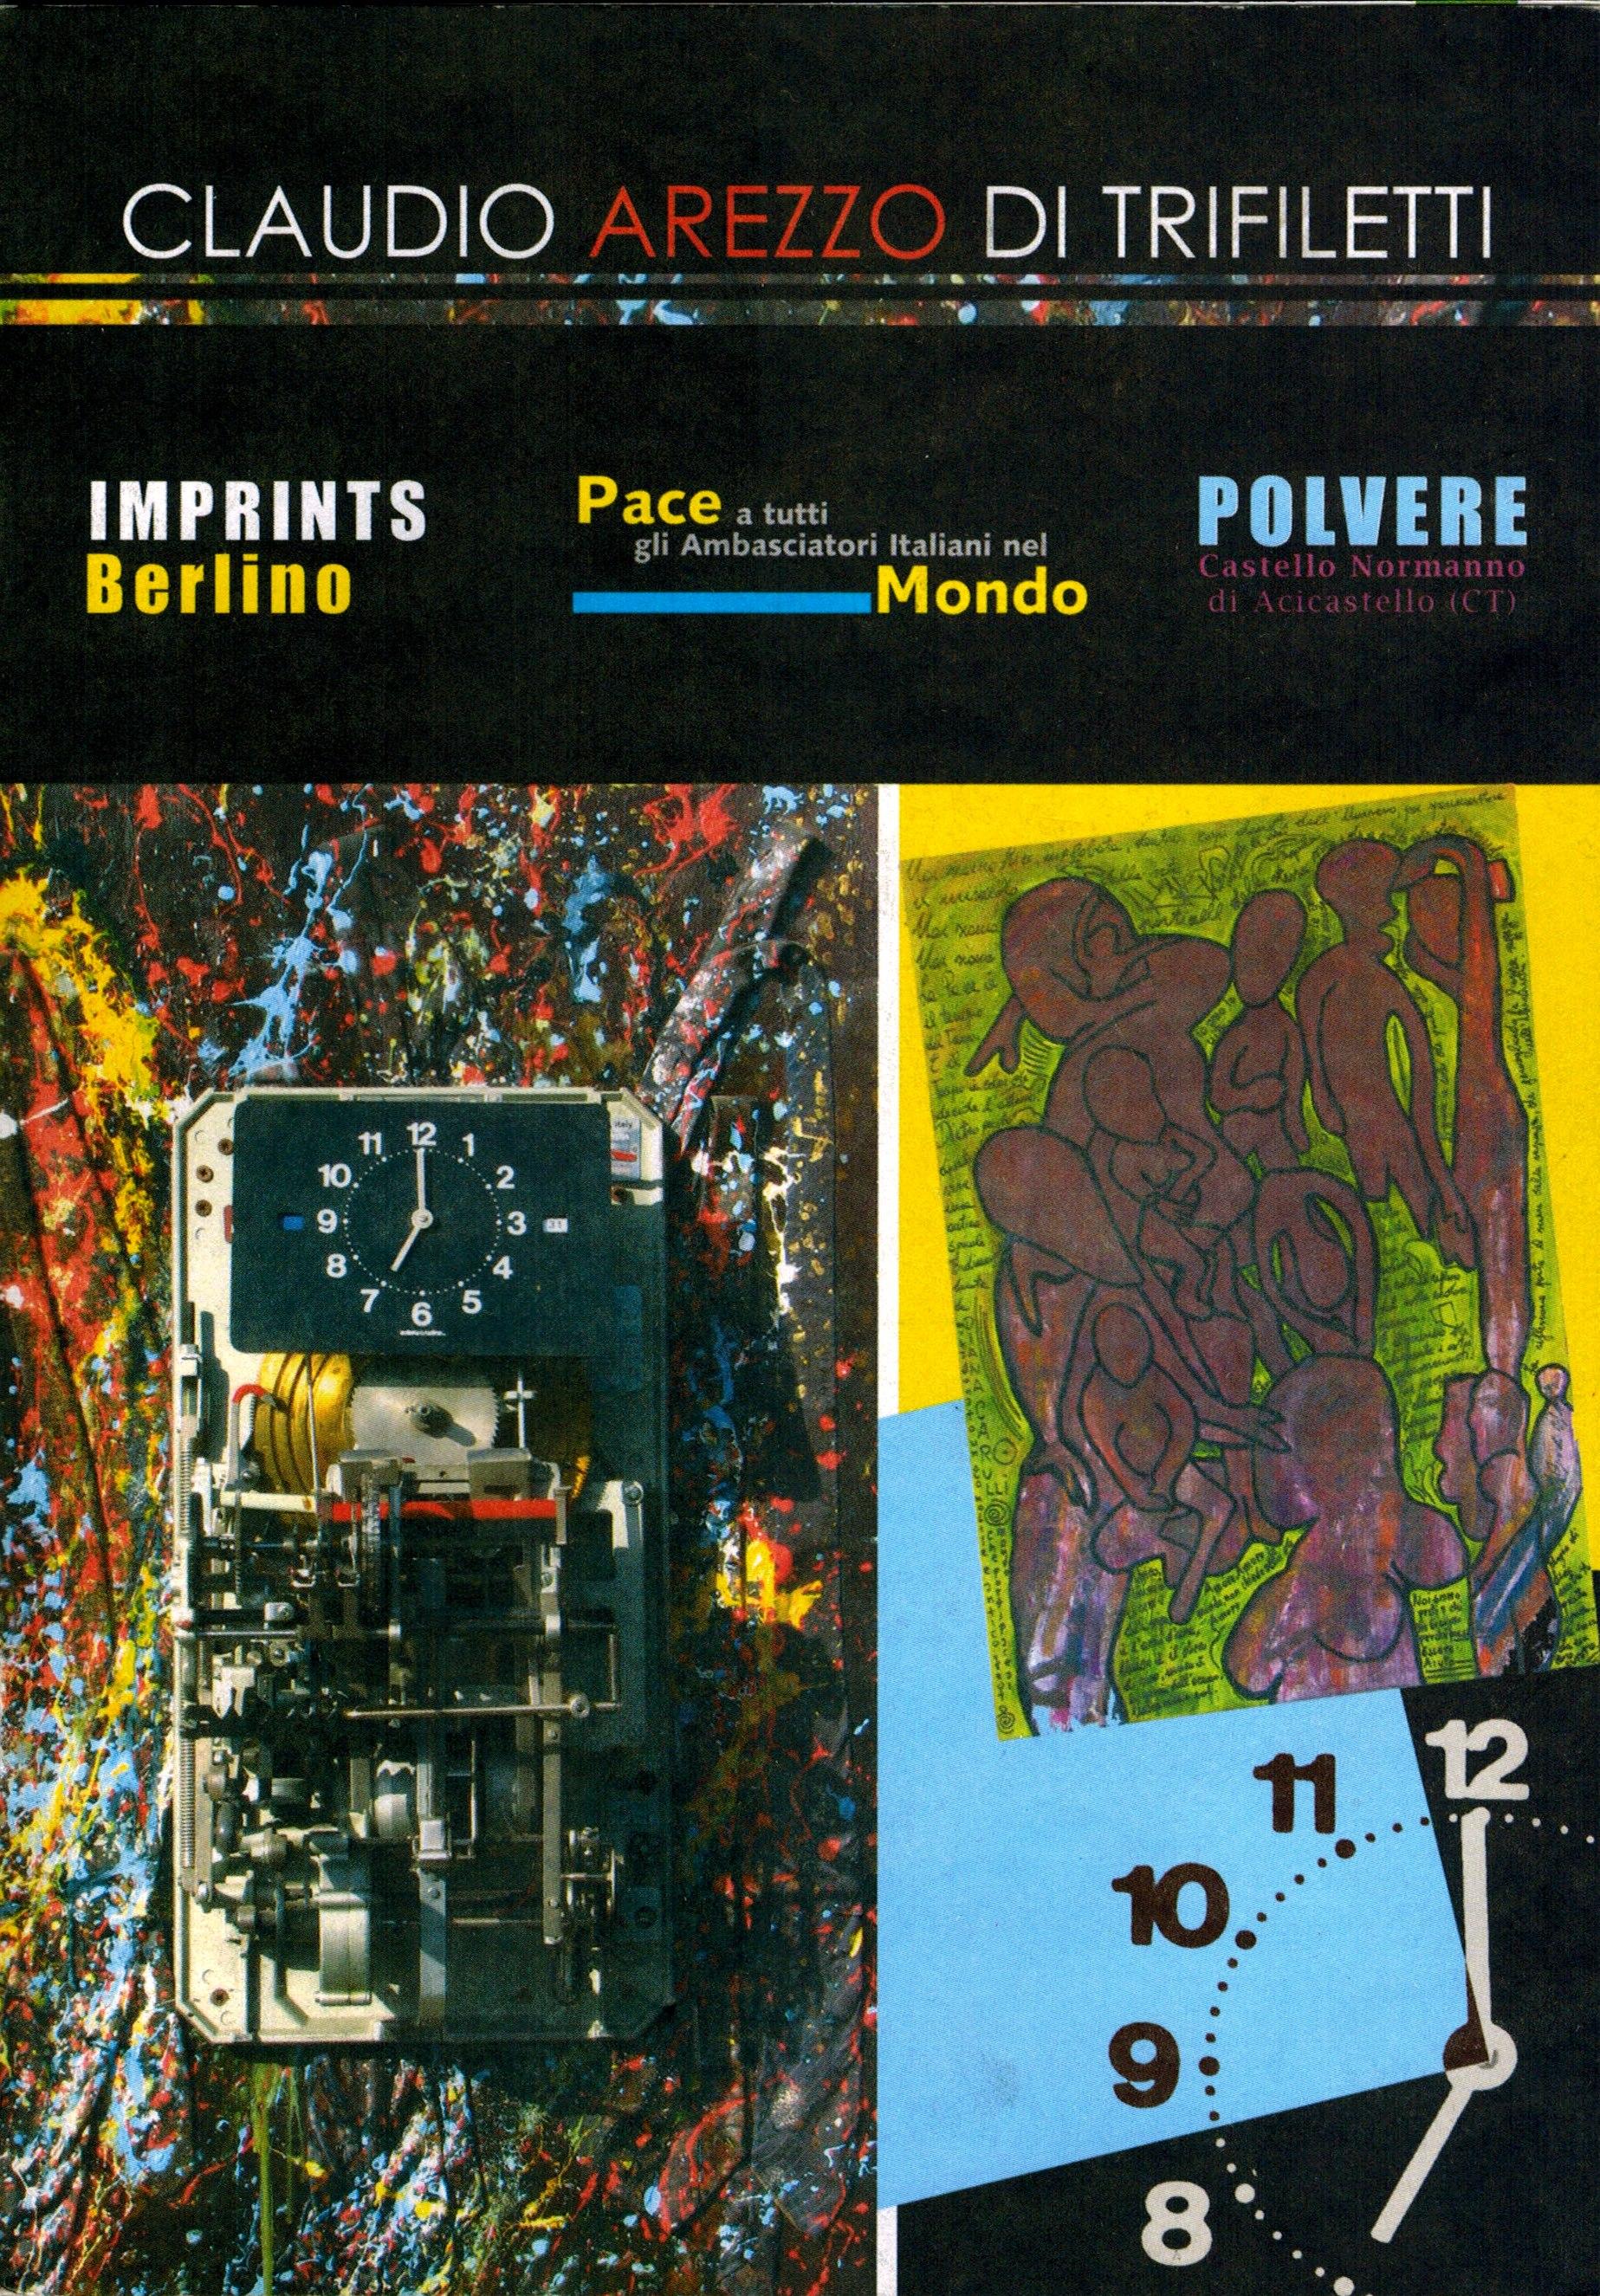 CLAUDIO AREZZO DI TRIFILETTI 2008